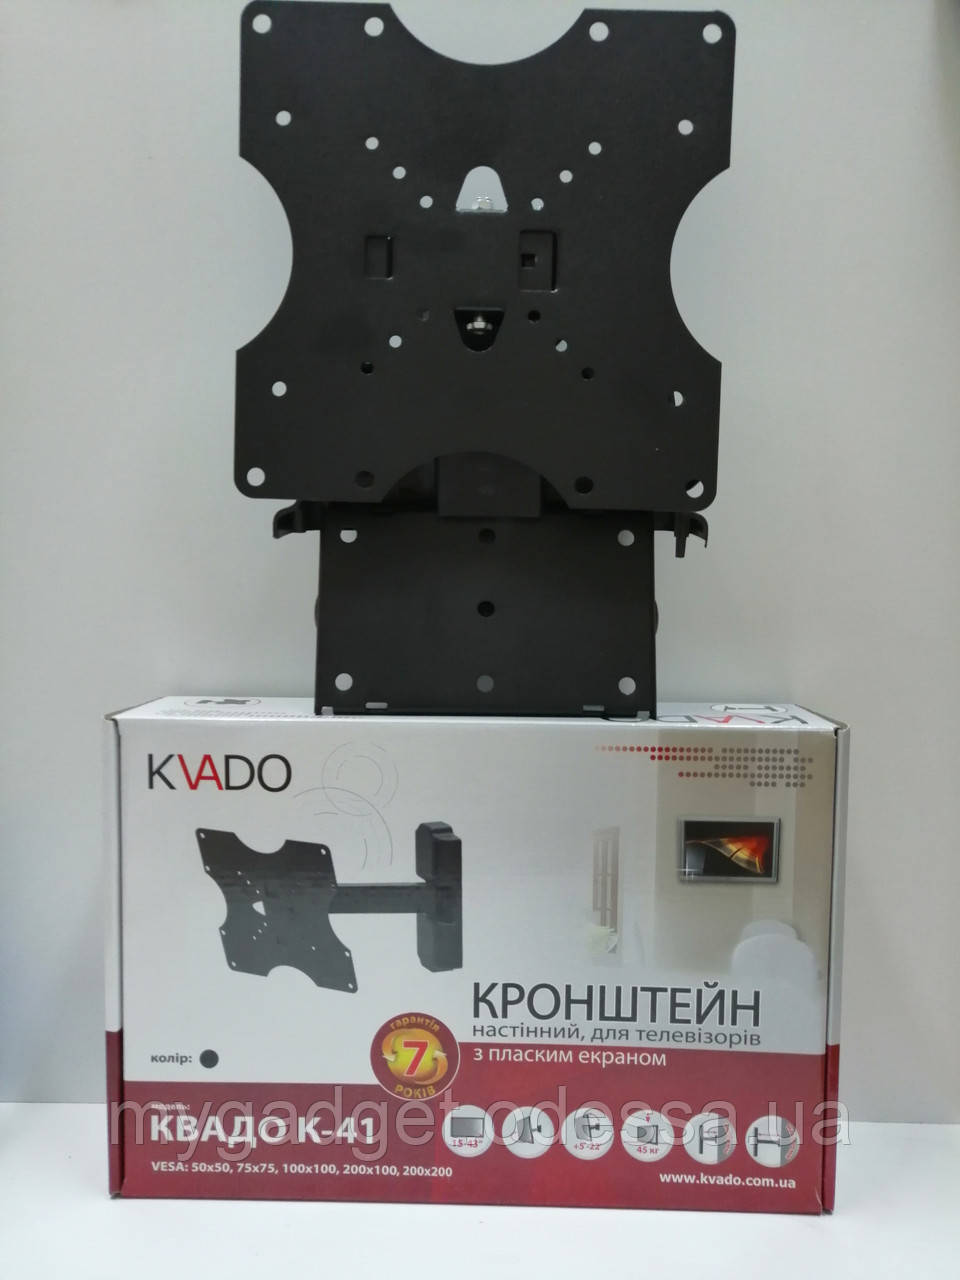 Кронштейн Квадо К-41 ГАРАНТИЯ 7 ЛЕТ!